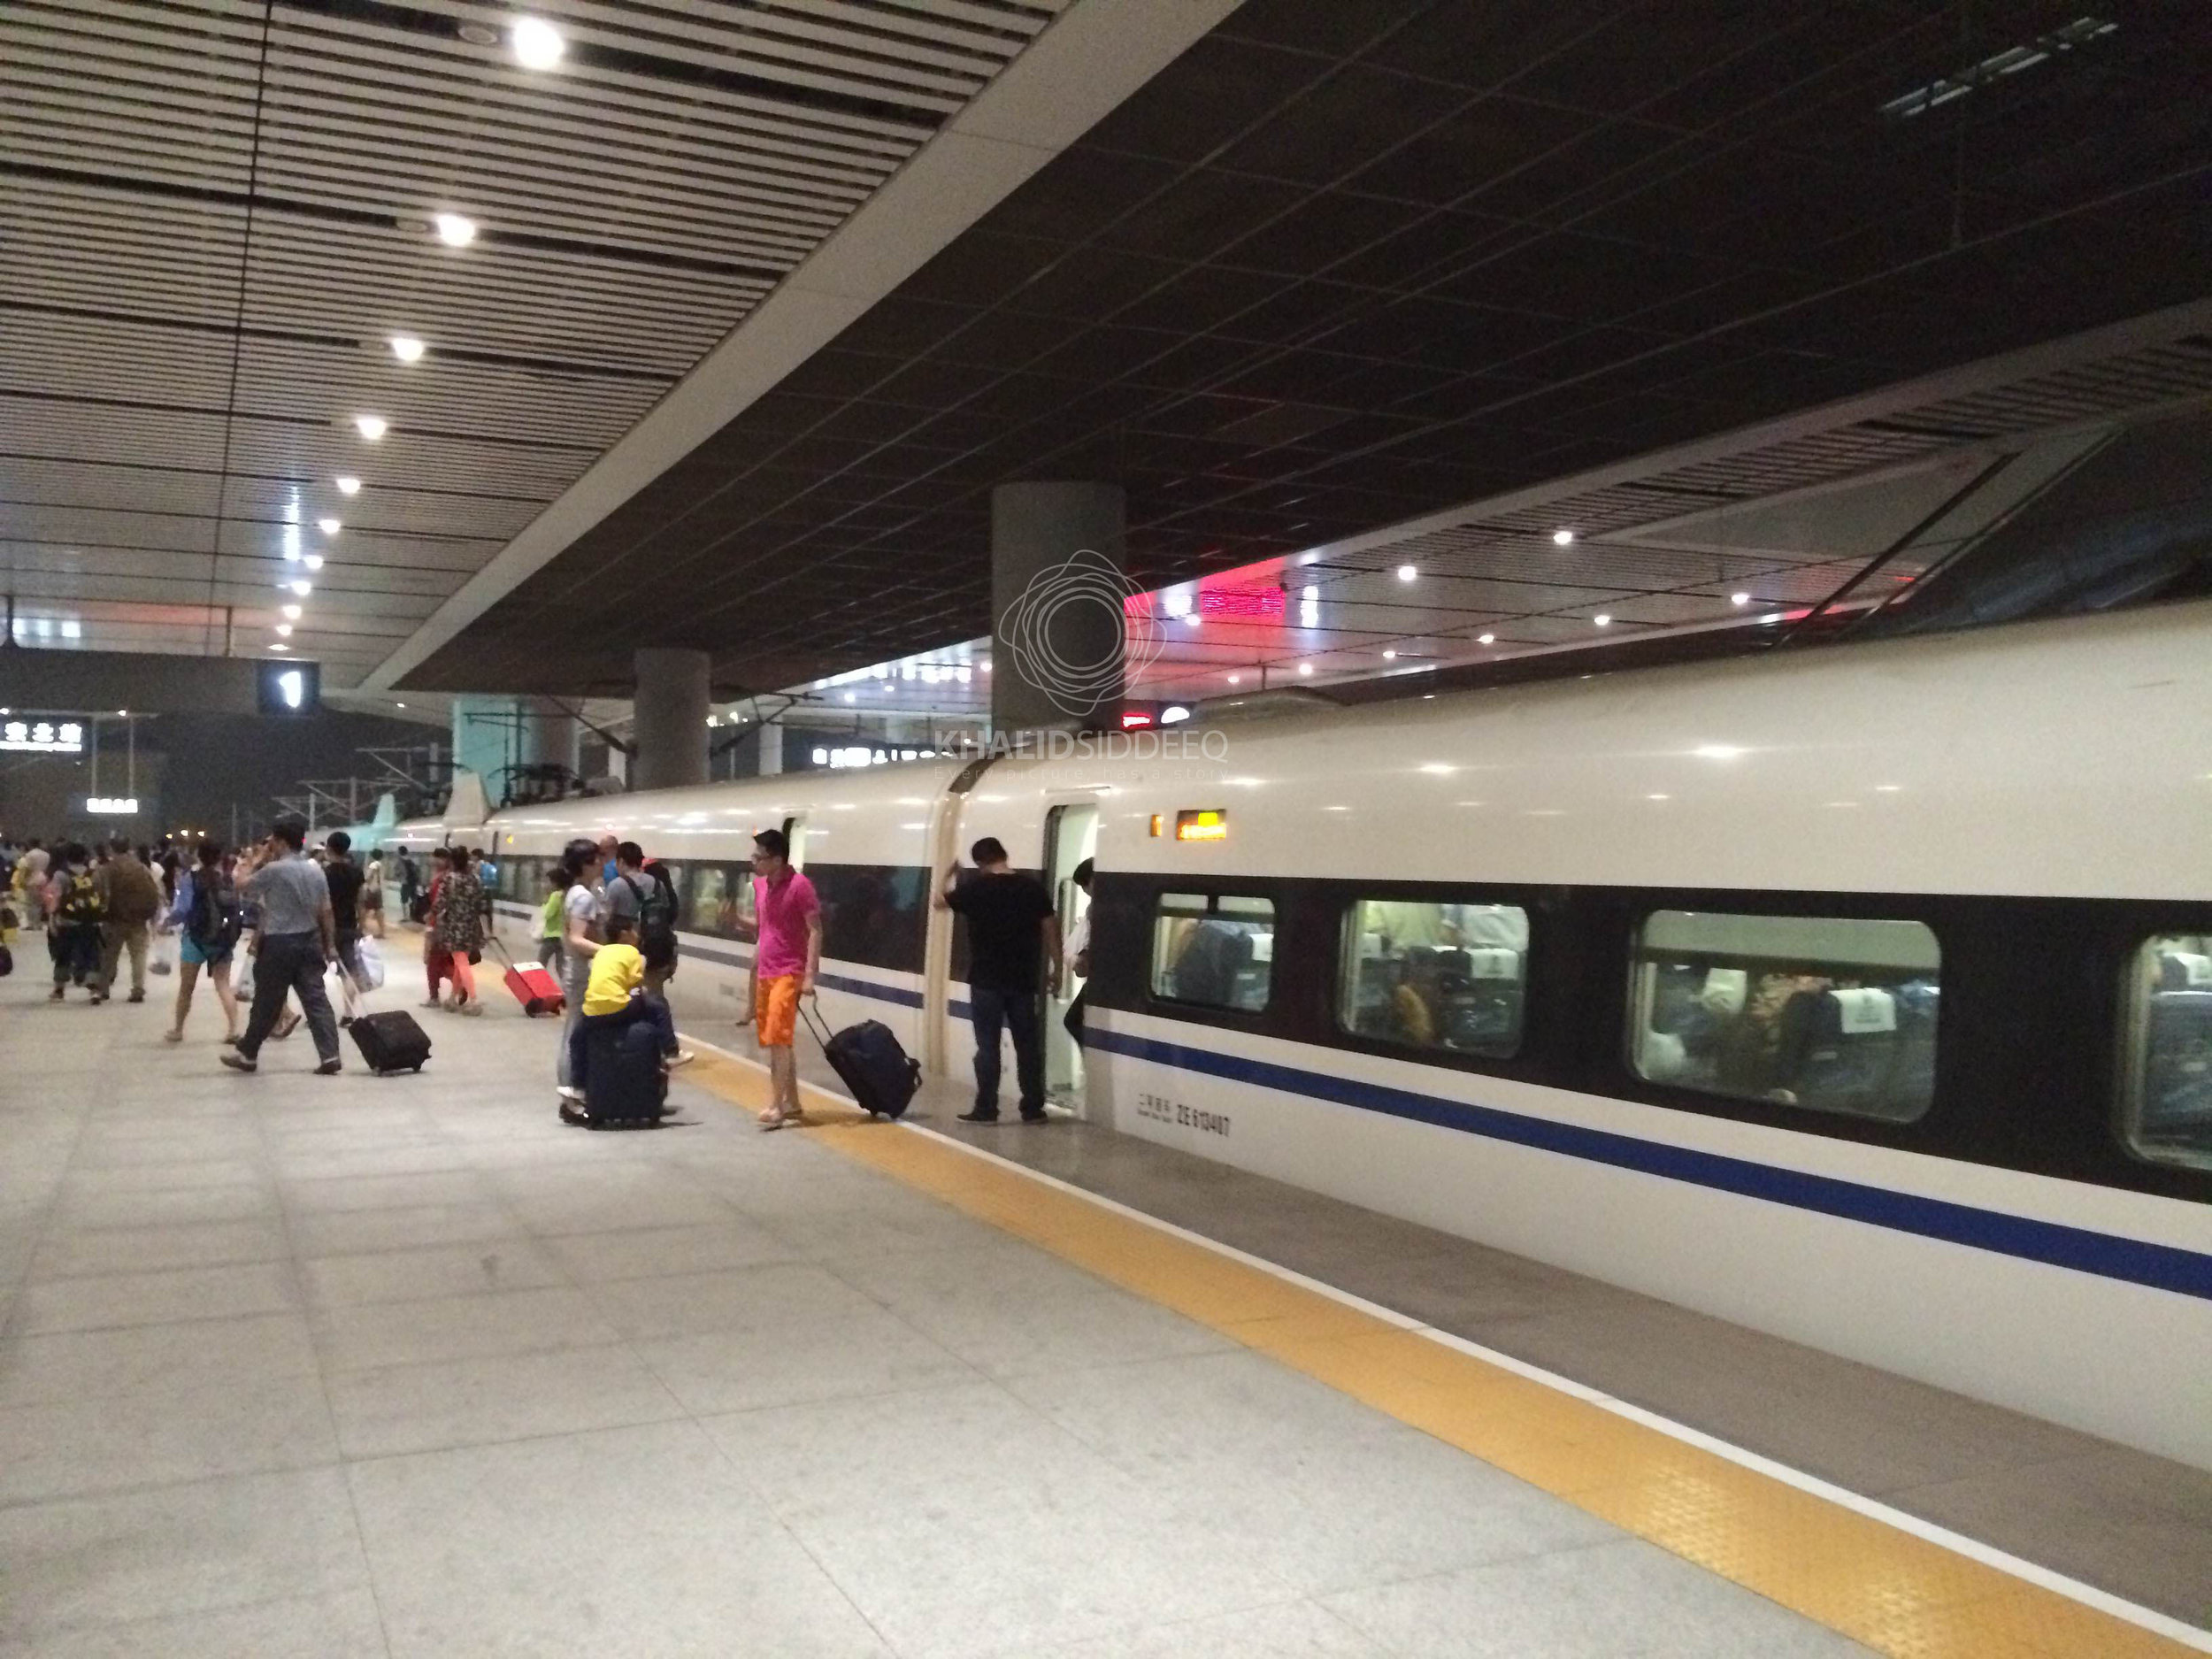 عند تجربتي لقطار فائق السرعة للمرة الأولى